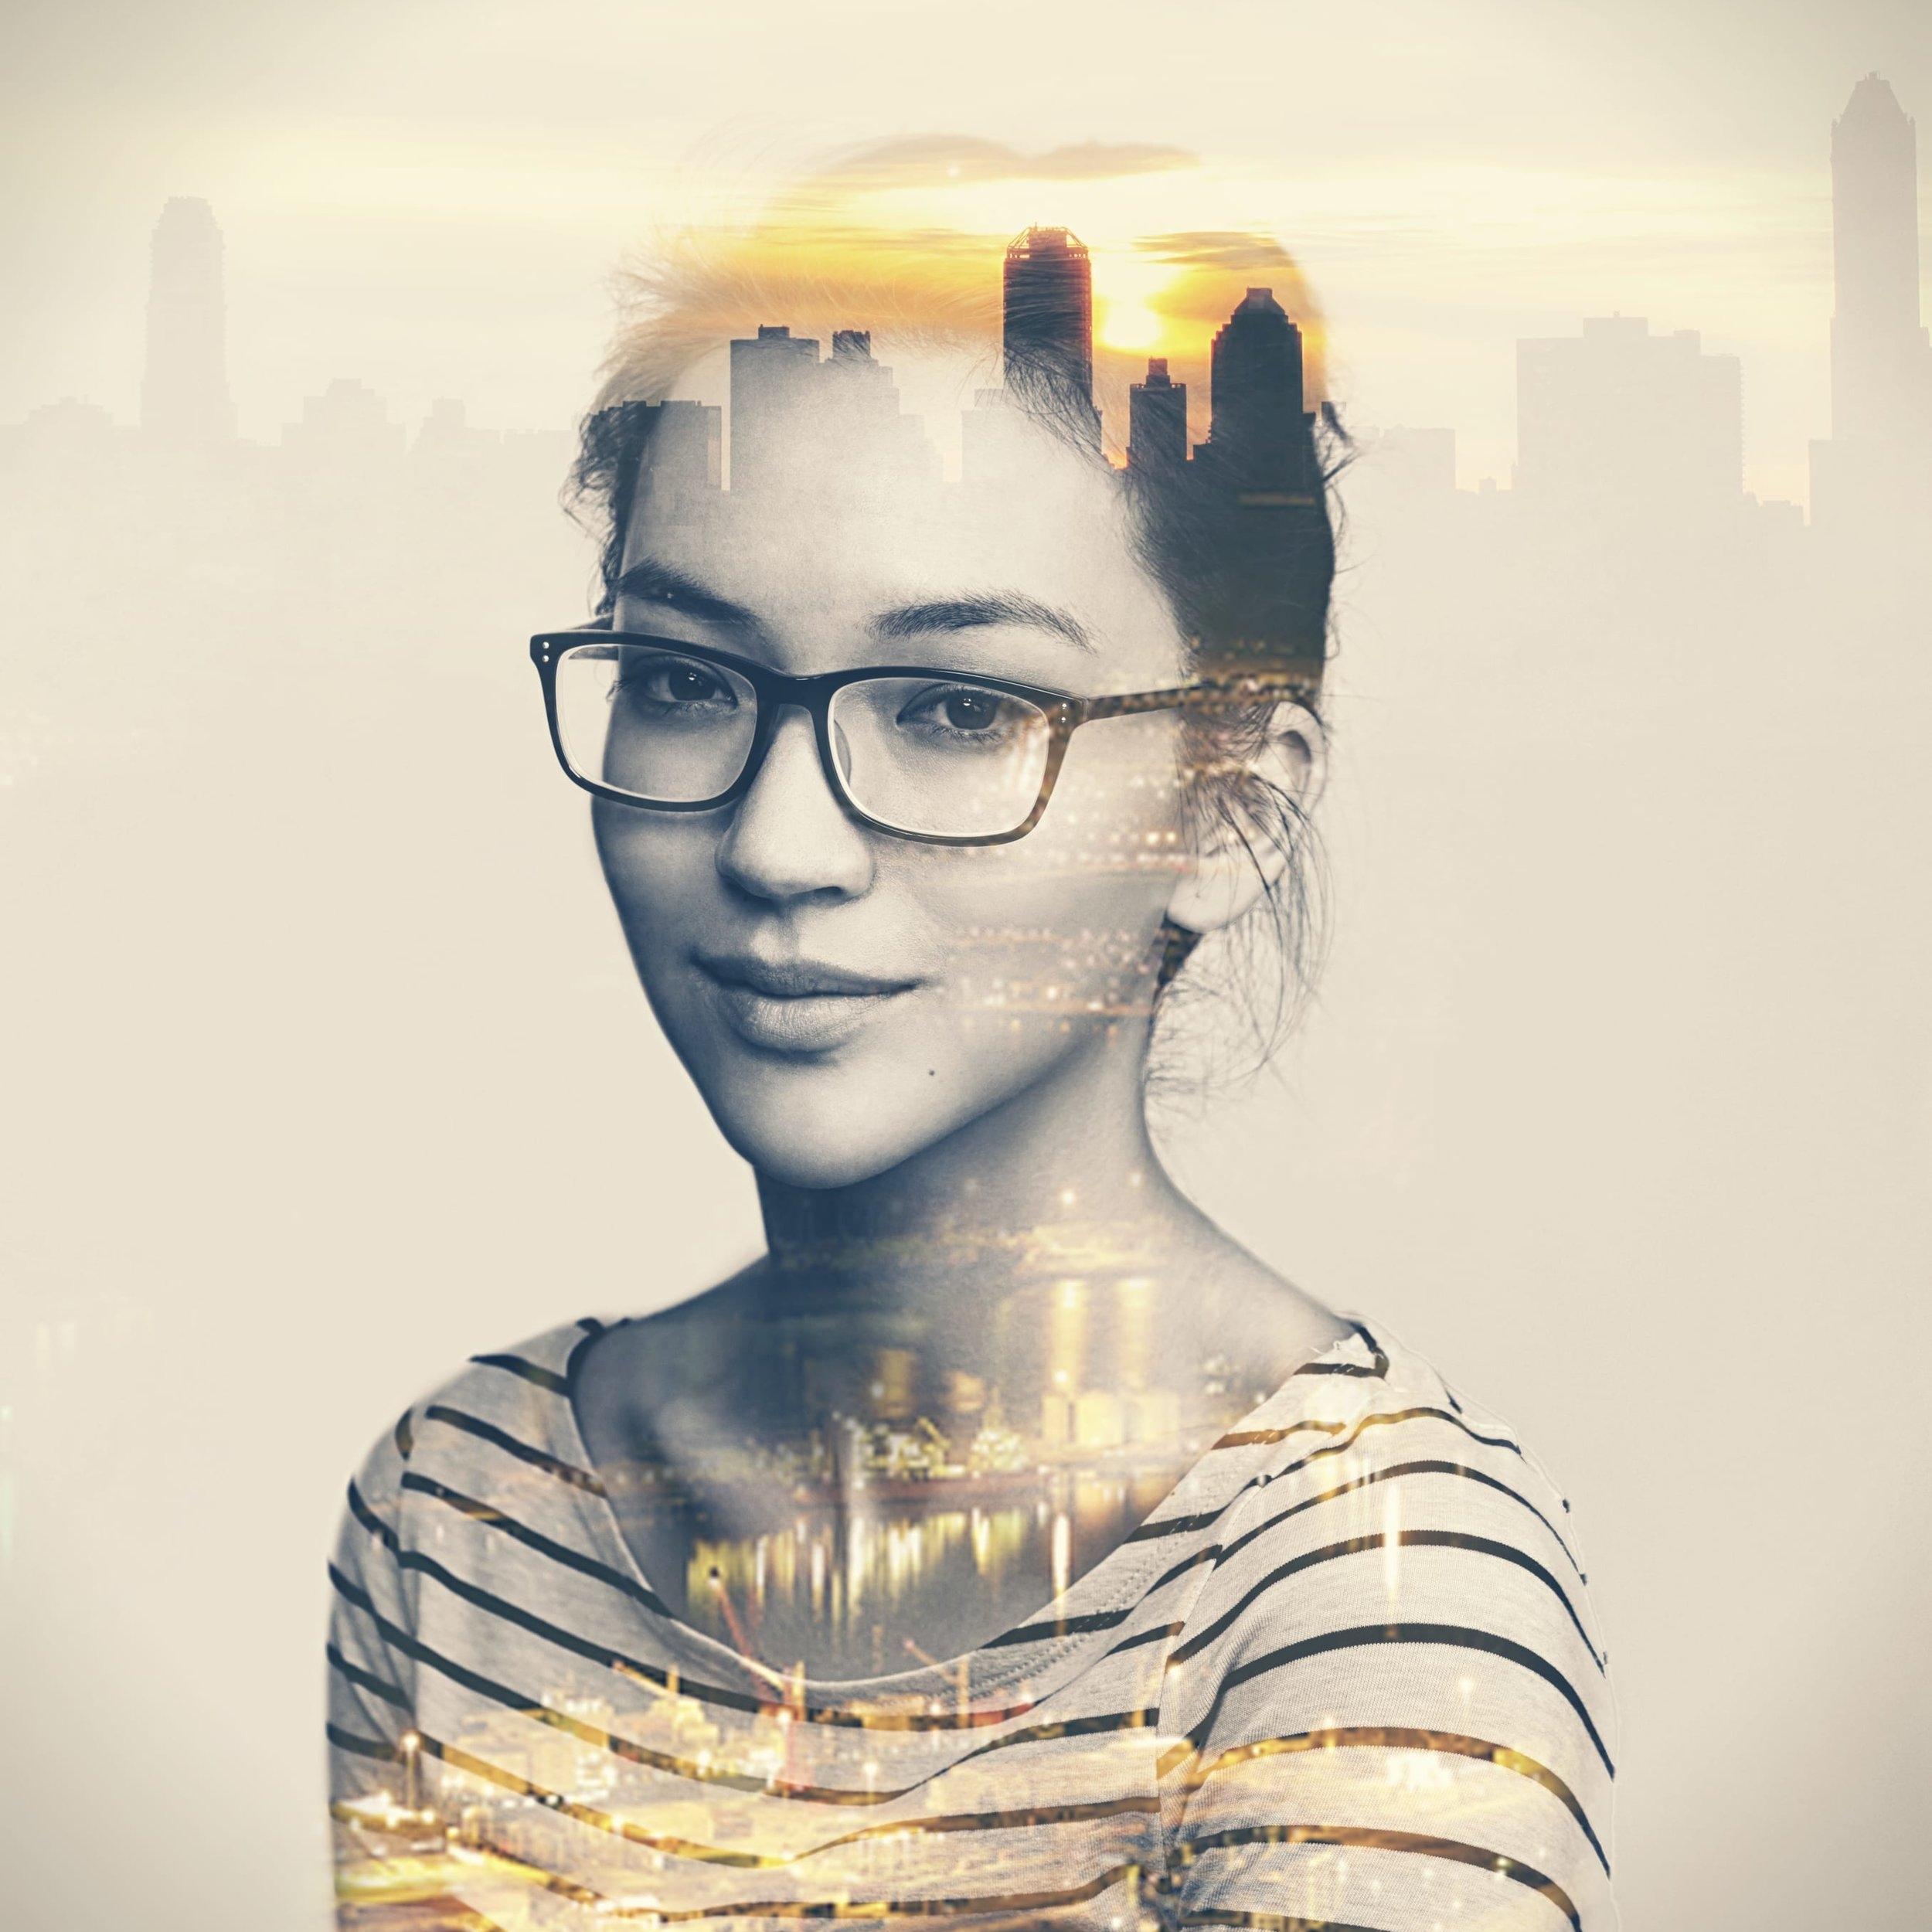 She's-a-city-kinda-girl-516896172_2710x3679.jpeg